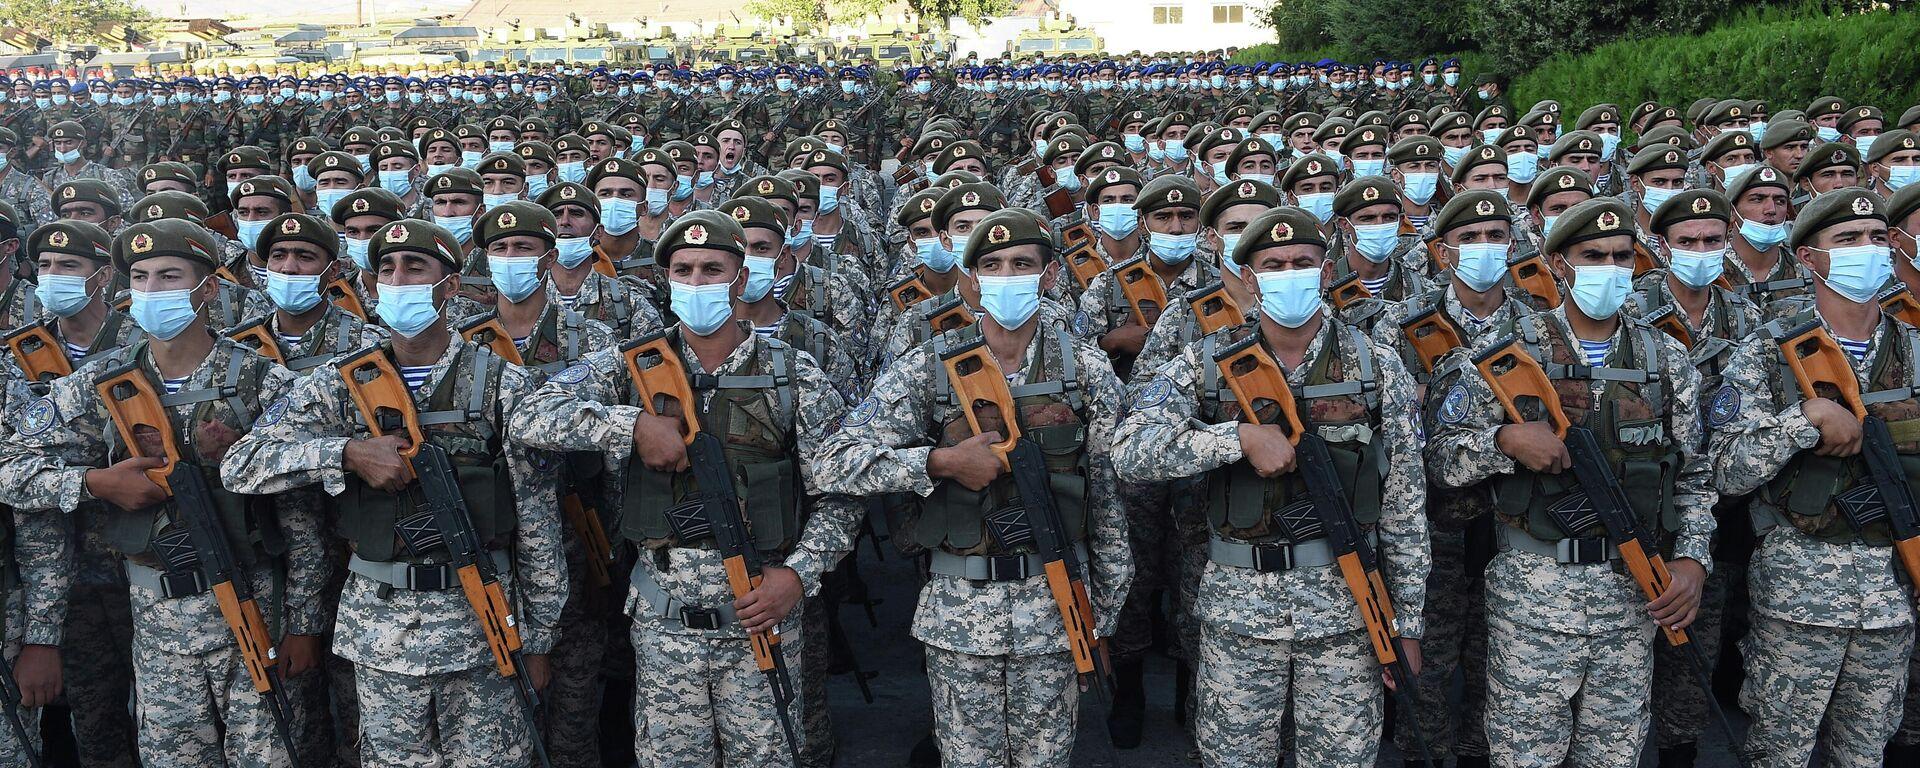 El desfile de las Fuerzas Armadas, reservistas y agentes de los cuerpos de seguridad de Tayikistán - Sputnik Mundo, 1920, 22.07.2021